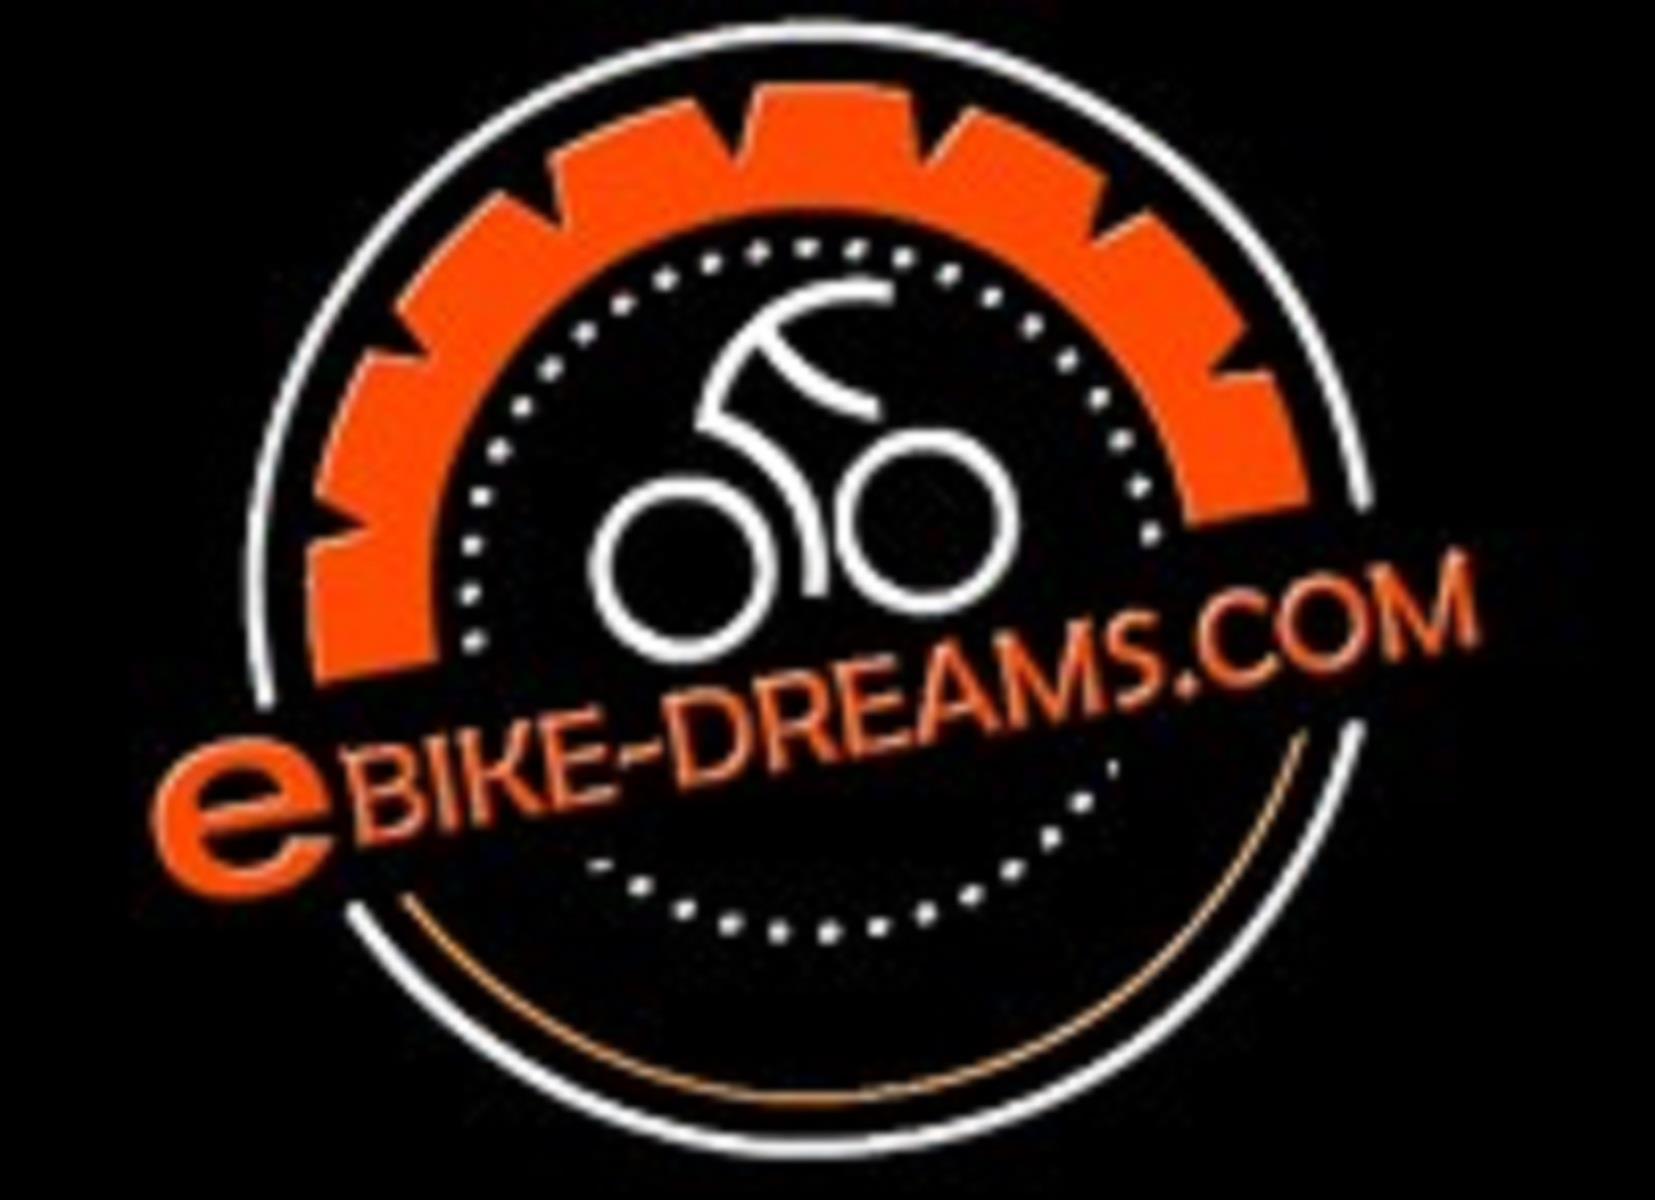 E-bike Dreams